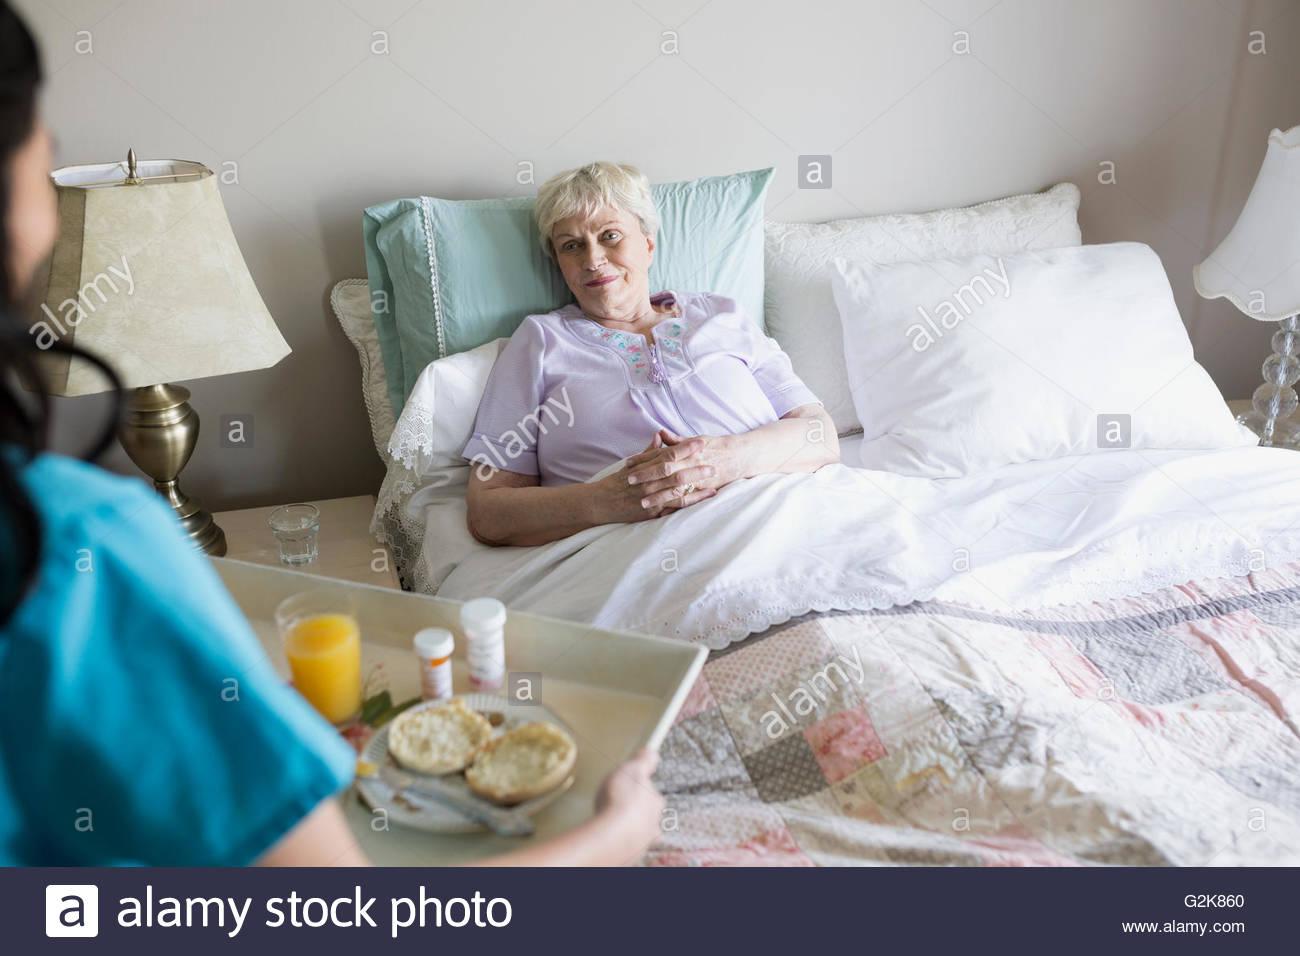 Aide familiale servant le petit-déjeuner et des médicaments pour senior woman in bed Photo Stock